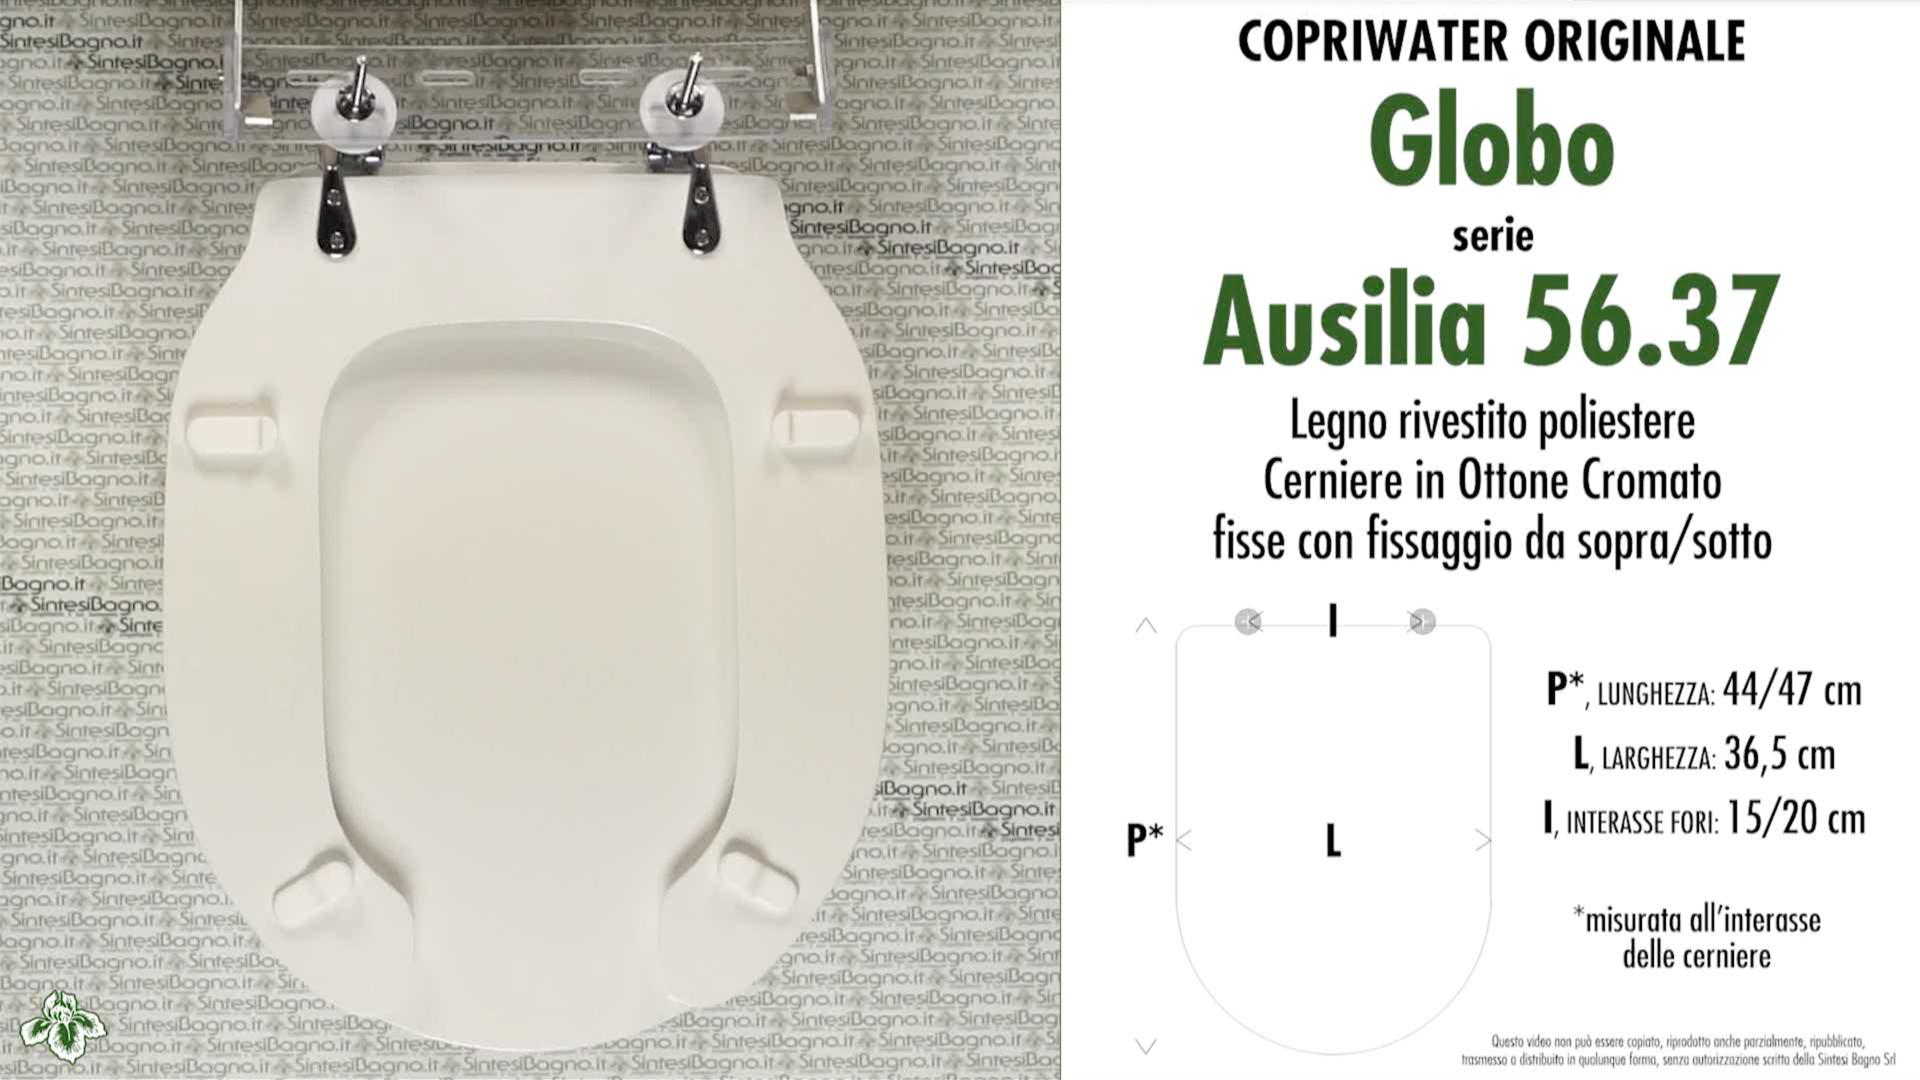 SCHEDA TECNICA MISURE copriwater GLOBO AUSILIA